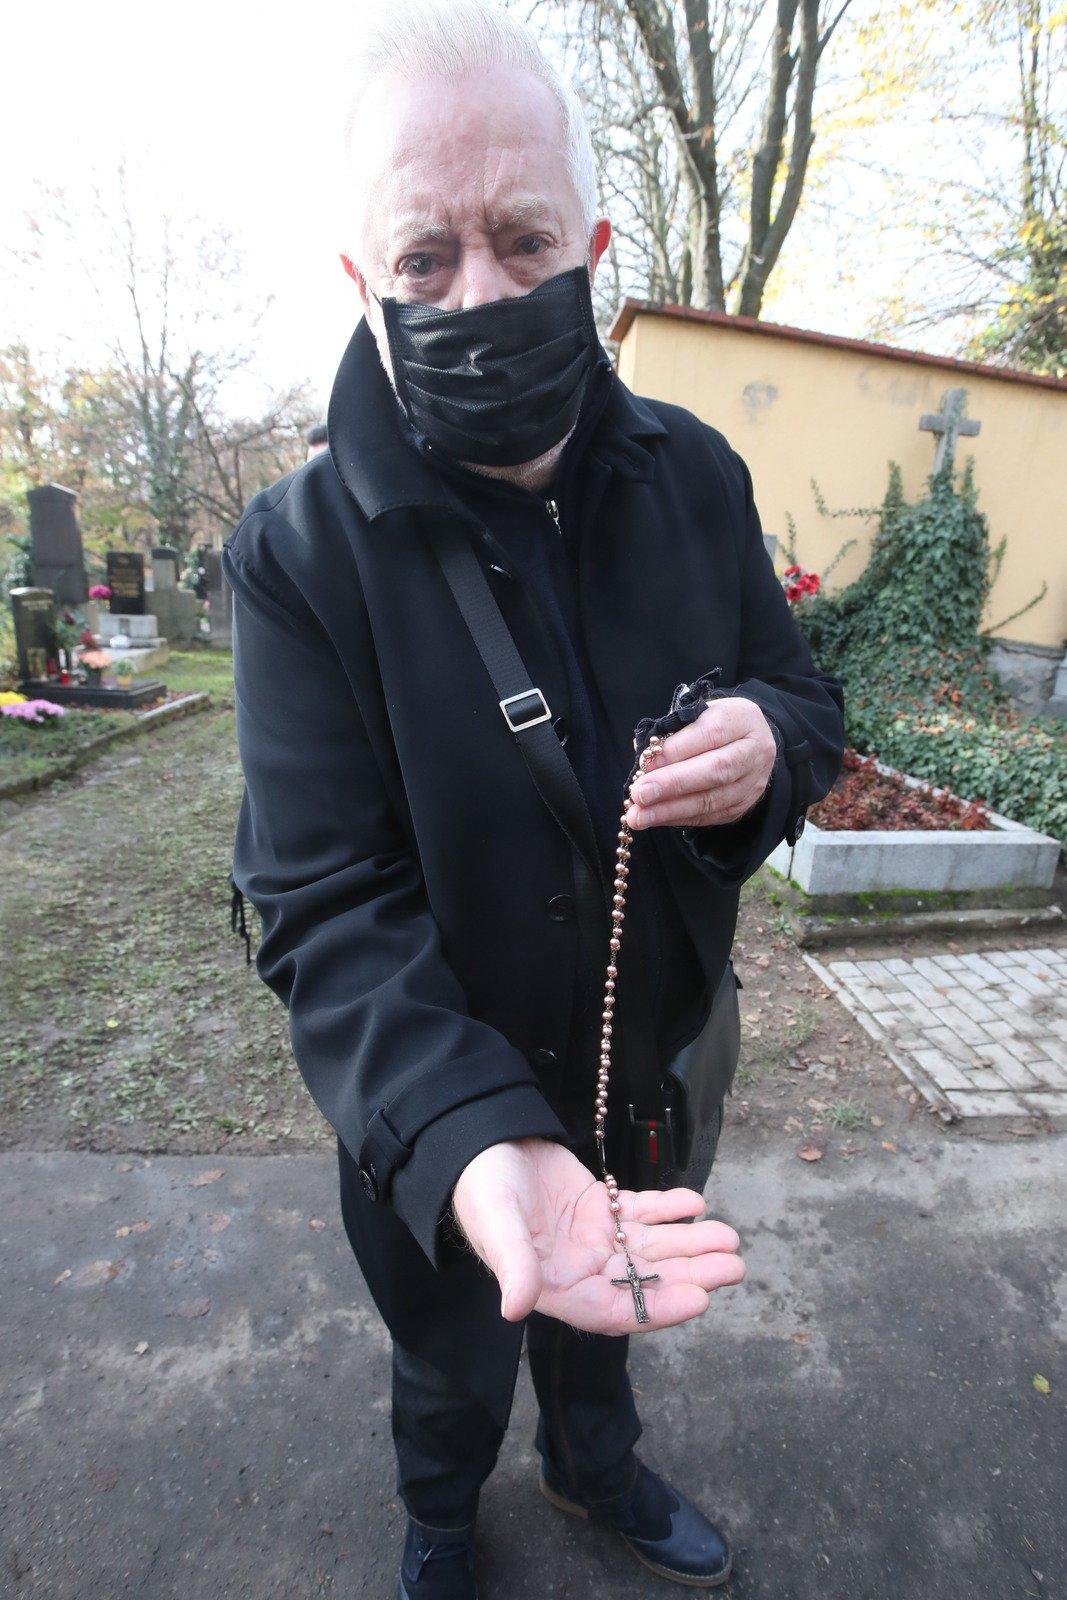 Pohřeb Evy Pilarové: Vdovec Jan Kolomazník s růžencem od Otce Jordána.